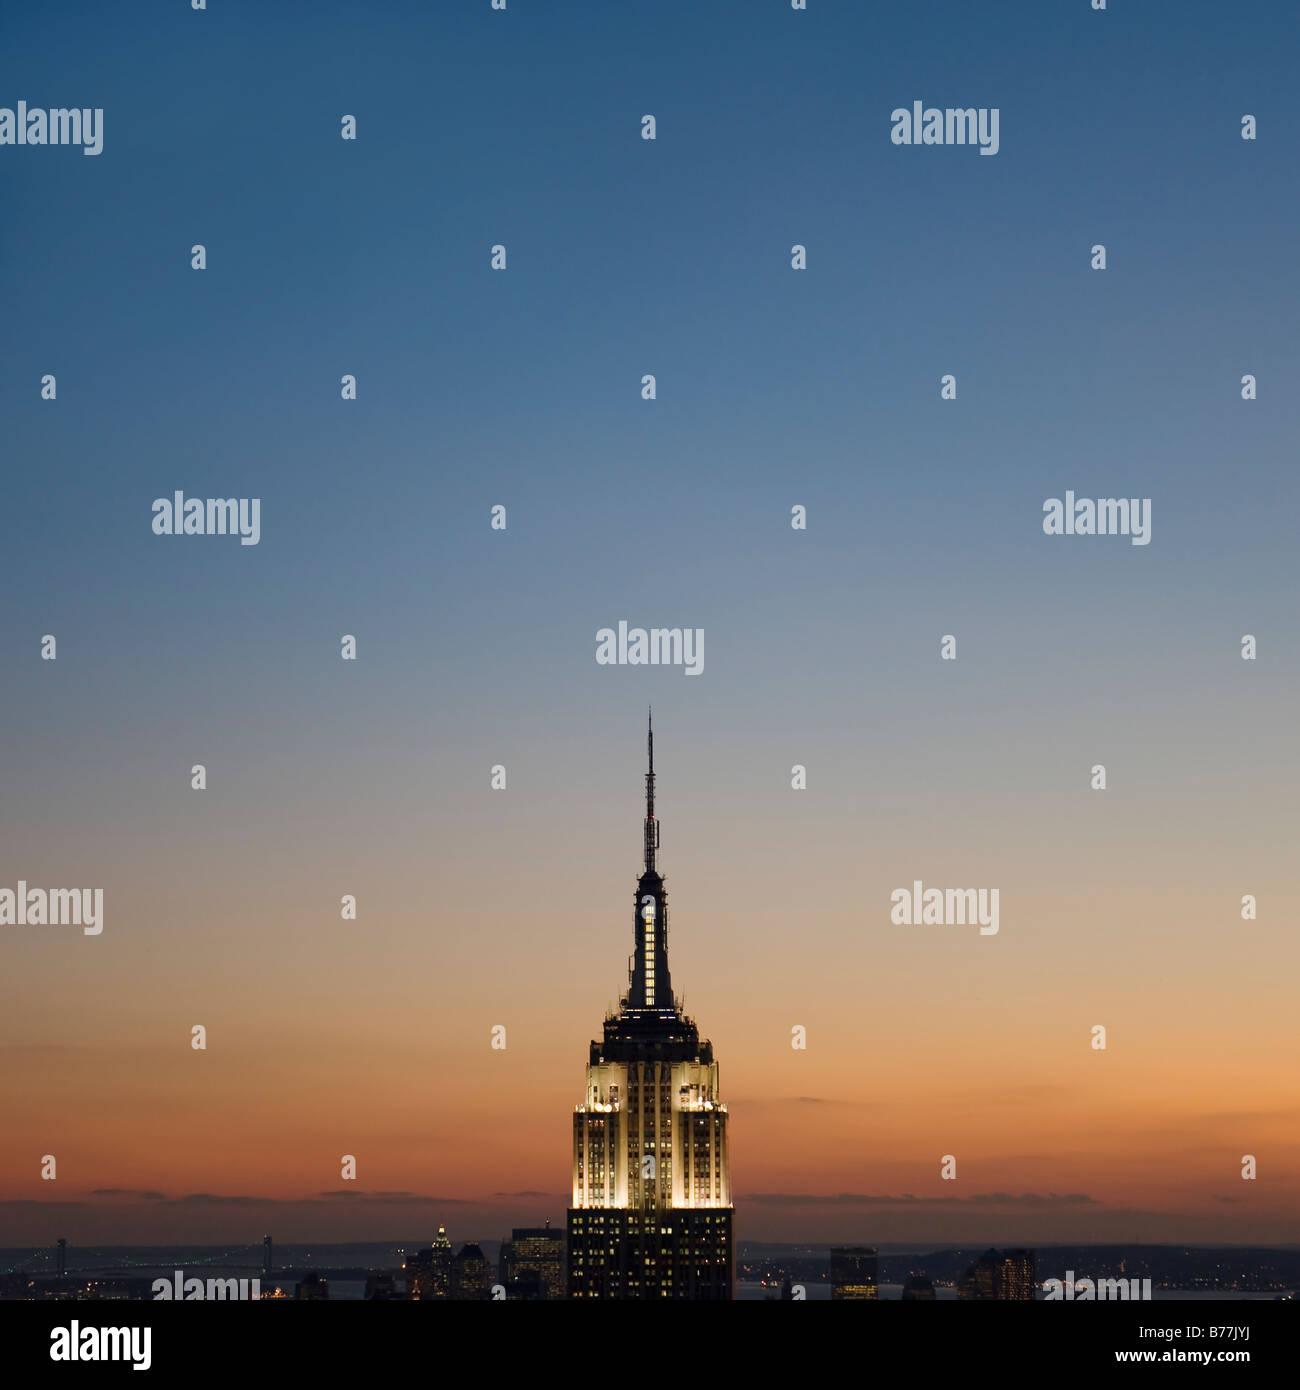 Vue du coucher de soleil de l'Empire State Building Photo Stock